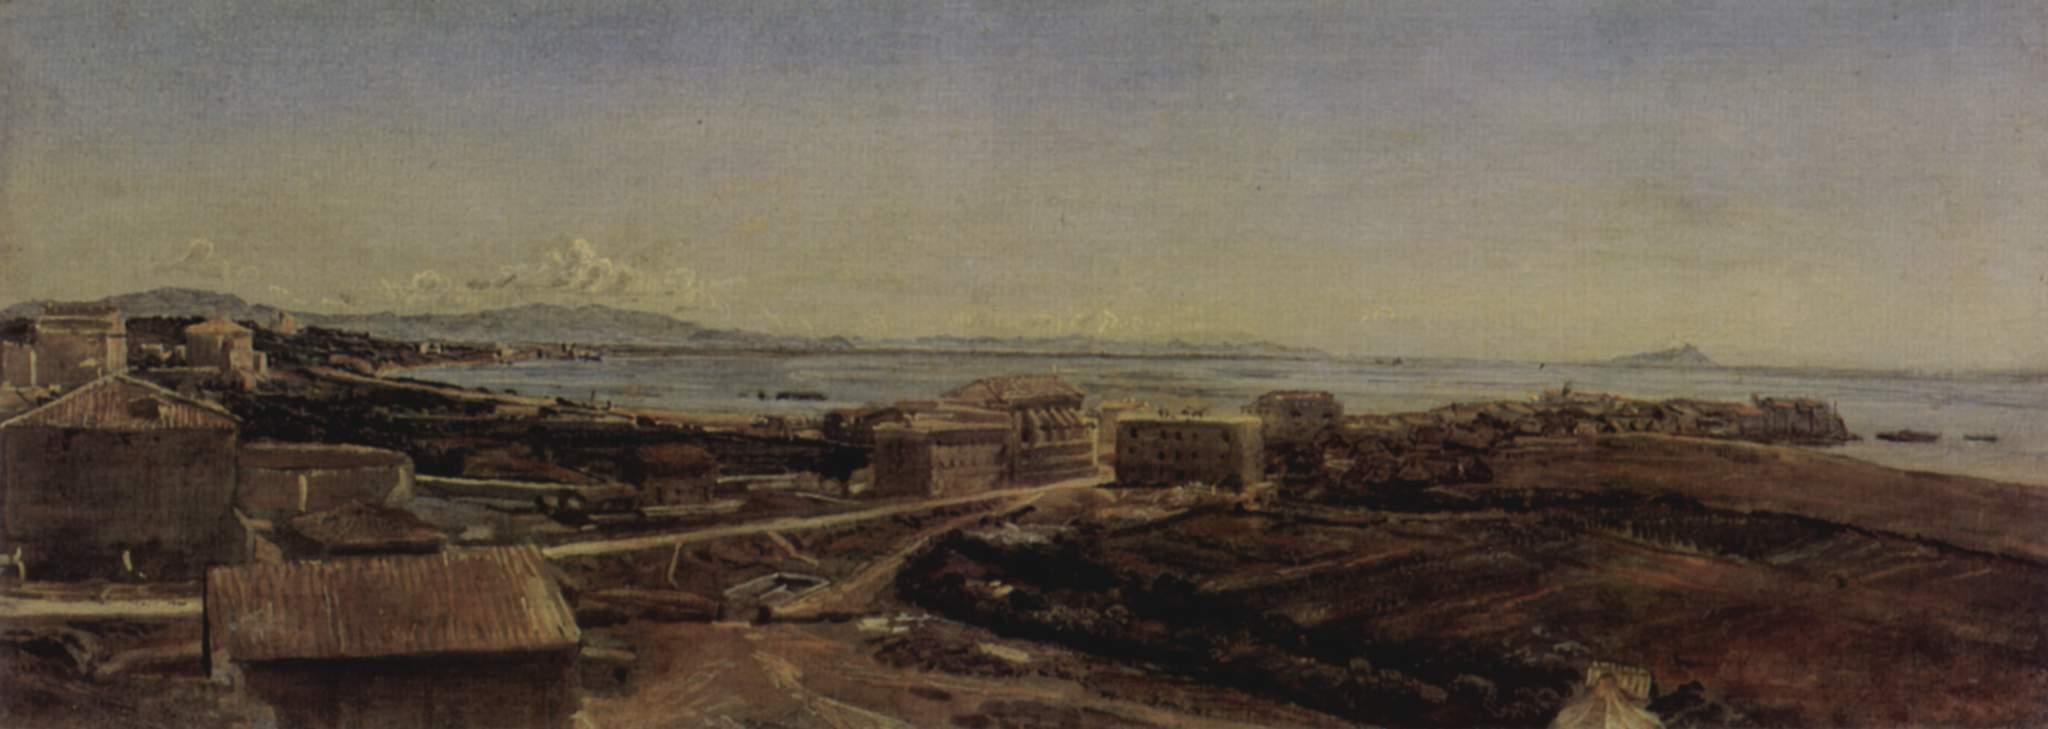 Торре дель Греко близ Помпеи, Иванов Александр Андреевич